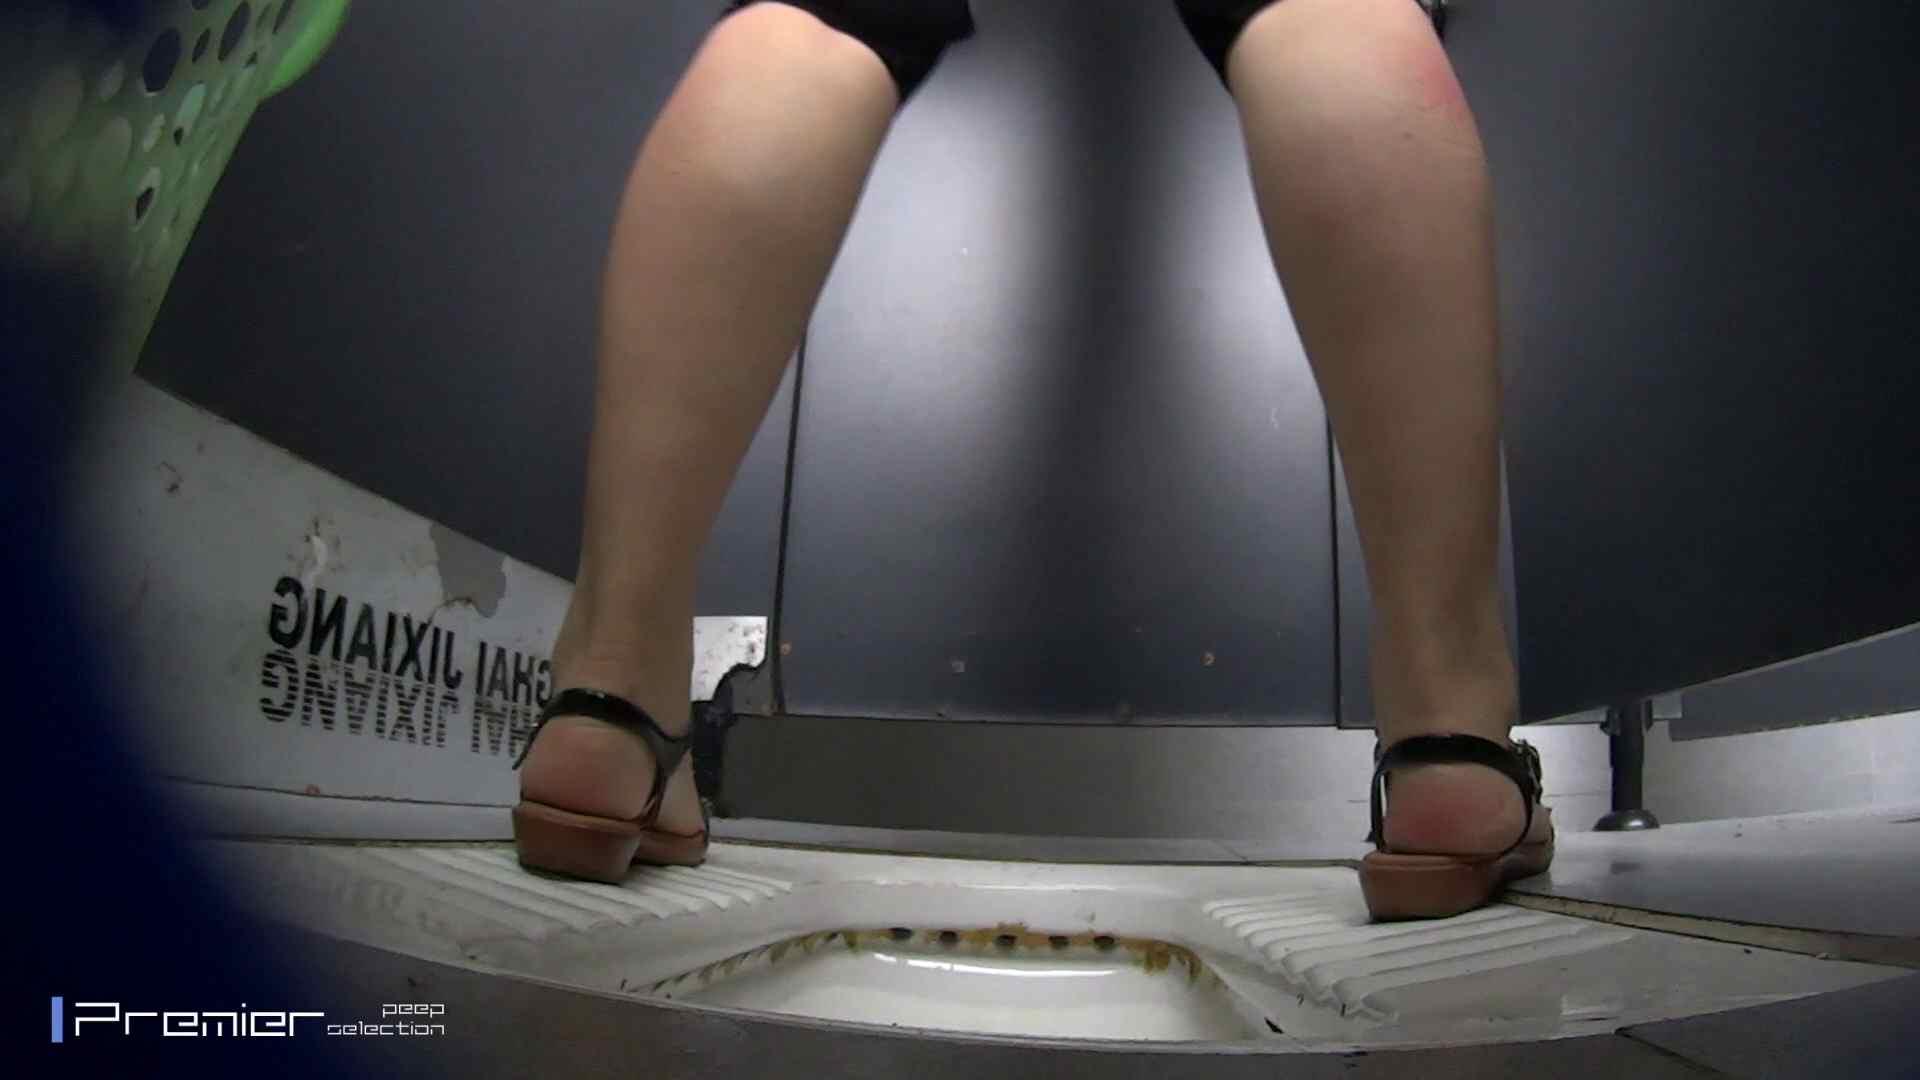 ポチャが多めの洗面所 大学休憩時間の洗面所事情45 ポチャ セックス無修正動画無料 57連発 49